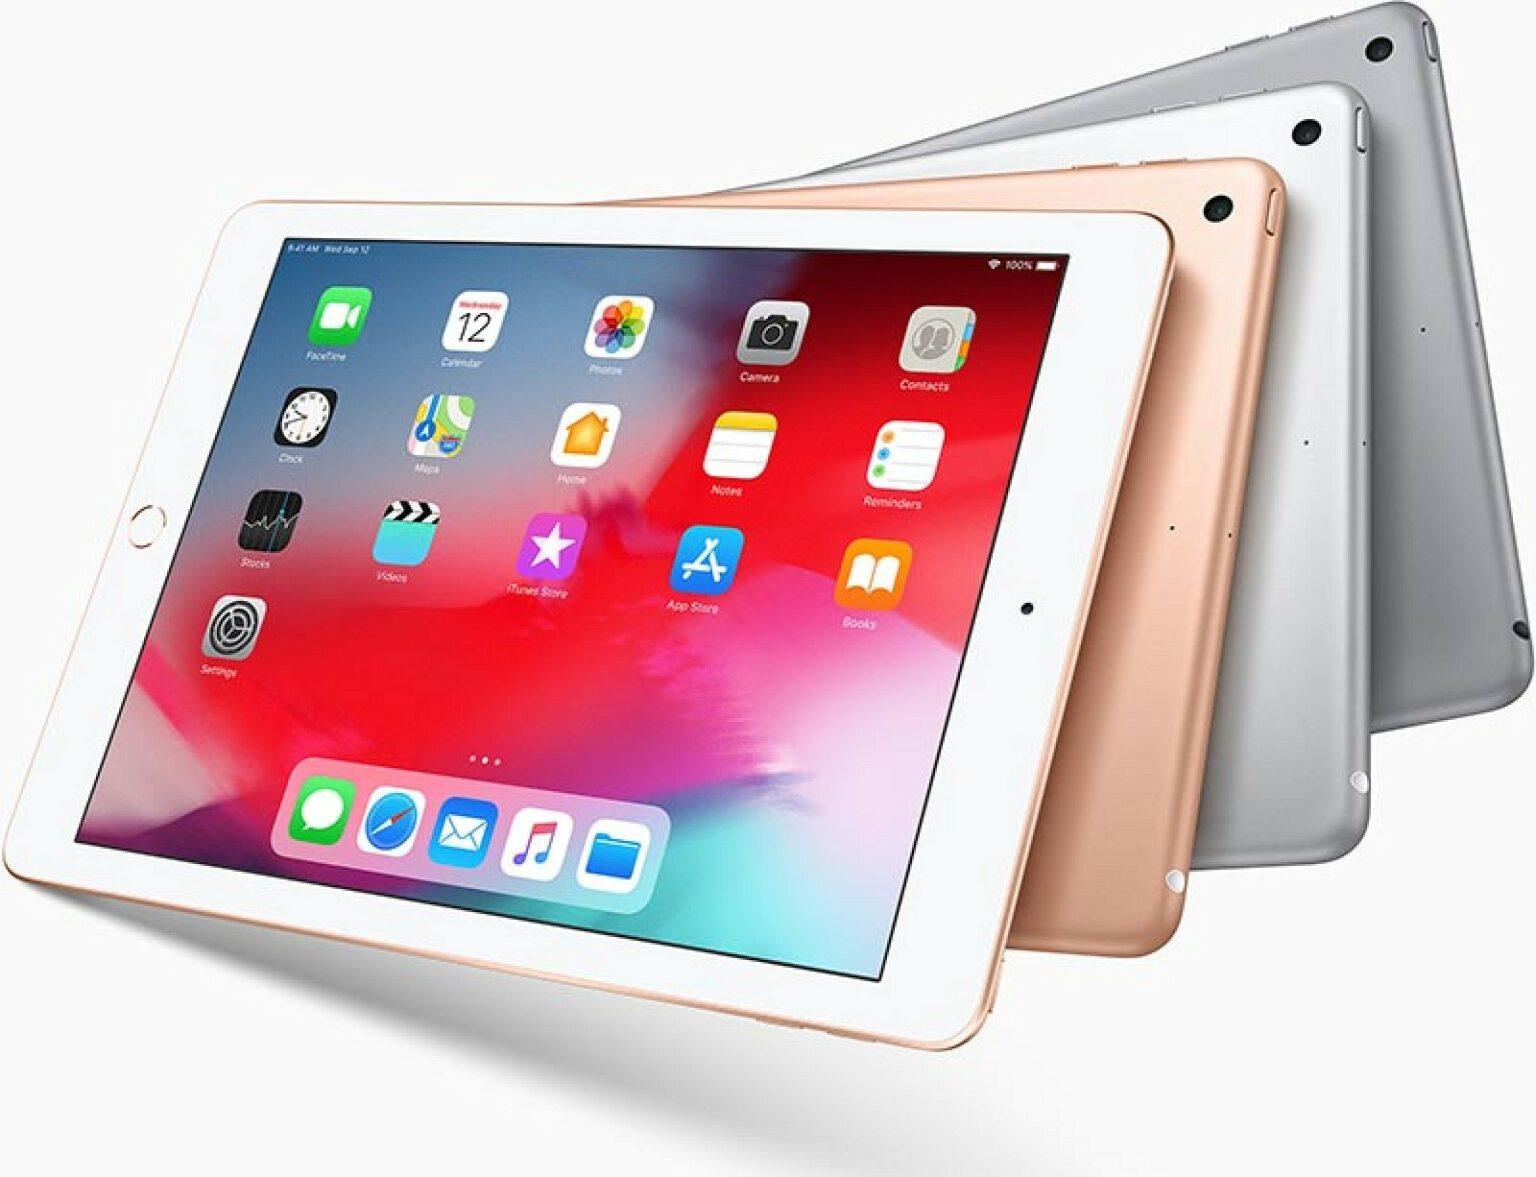 102-inch-iPad